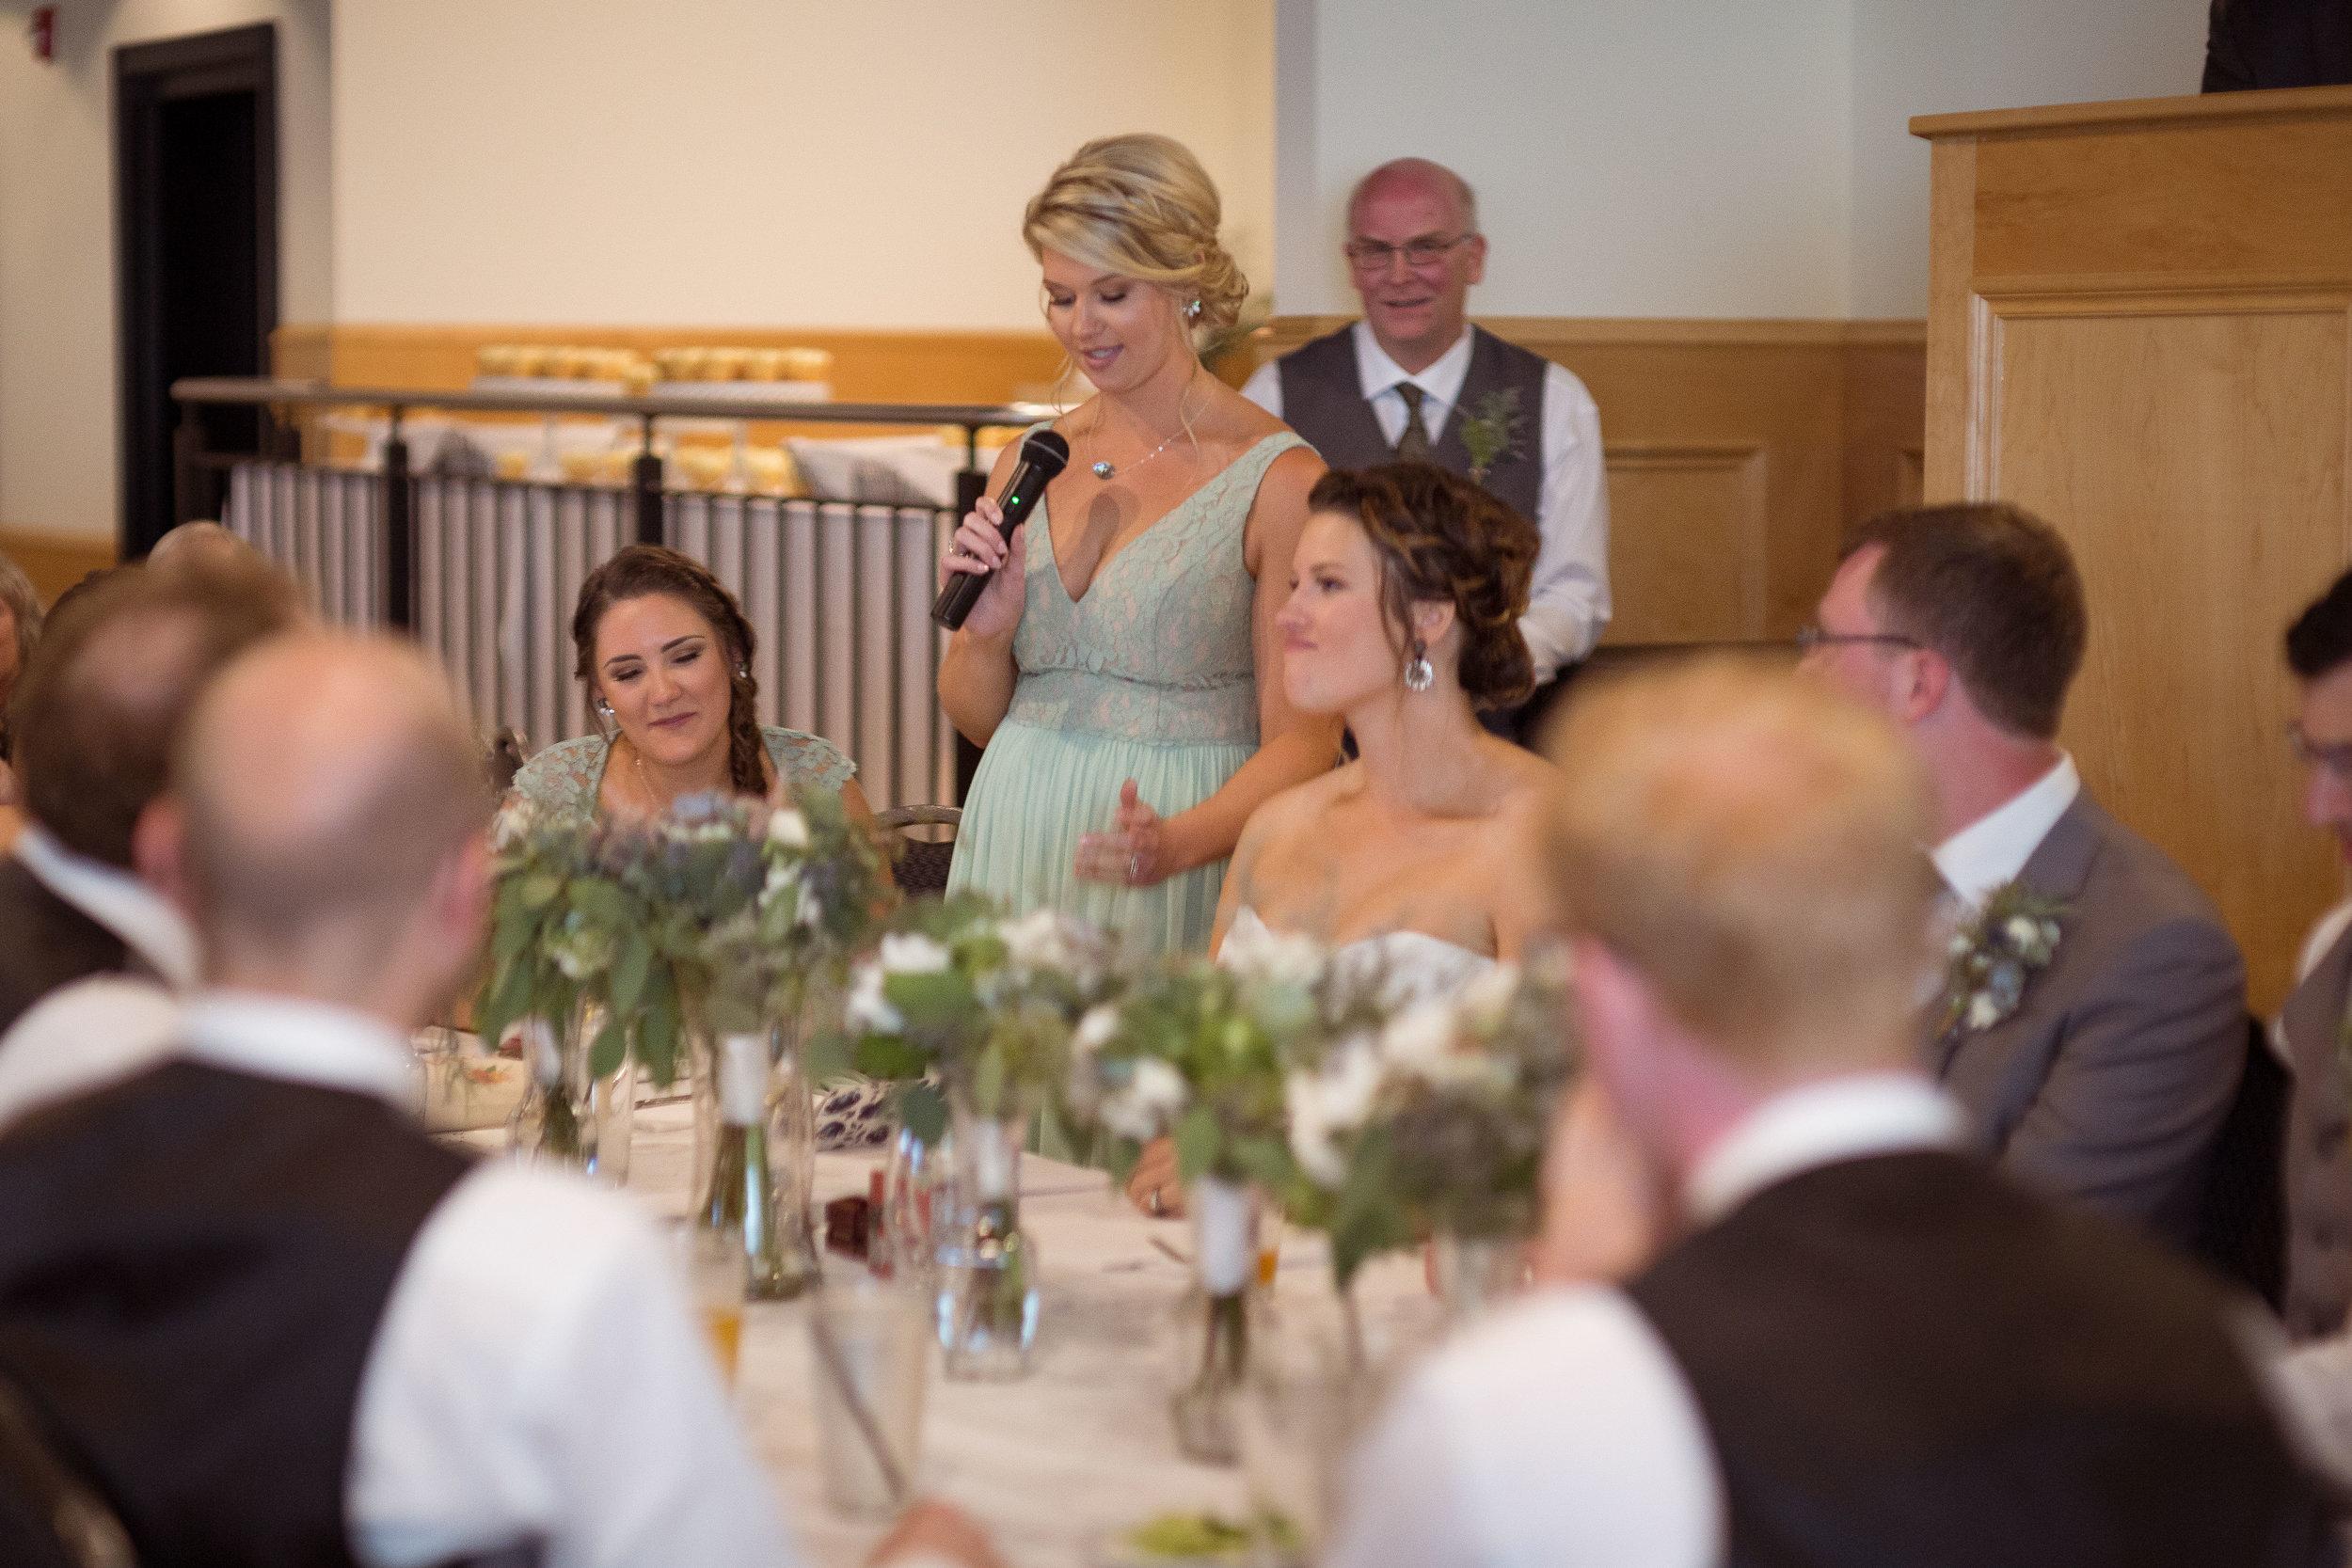 C_Wedding_Sarver, Alyssa & Scott_FOR BLOG-170.JPG